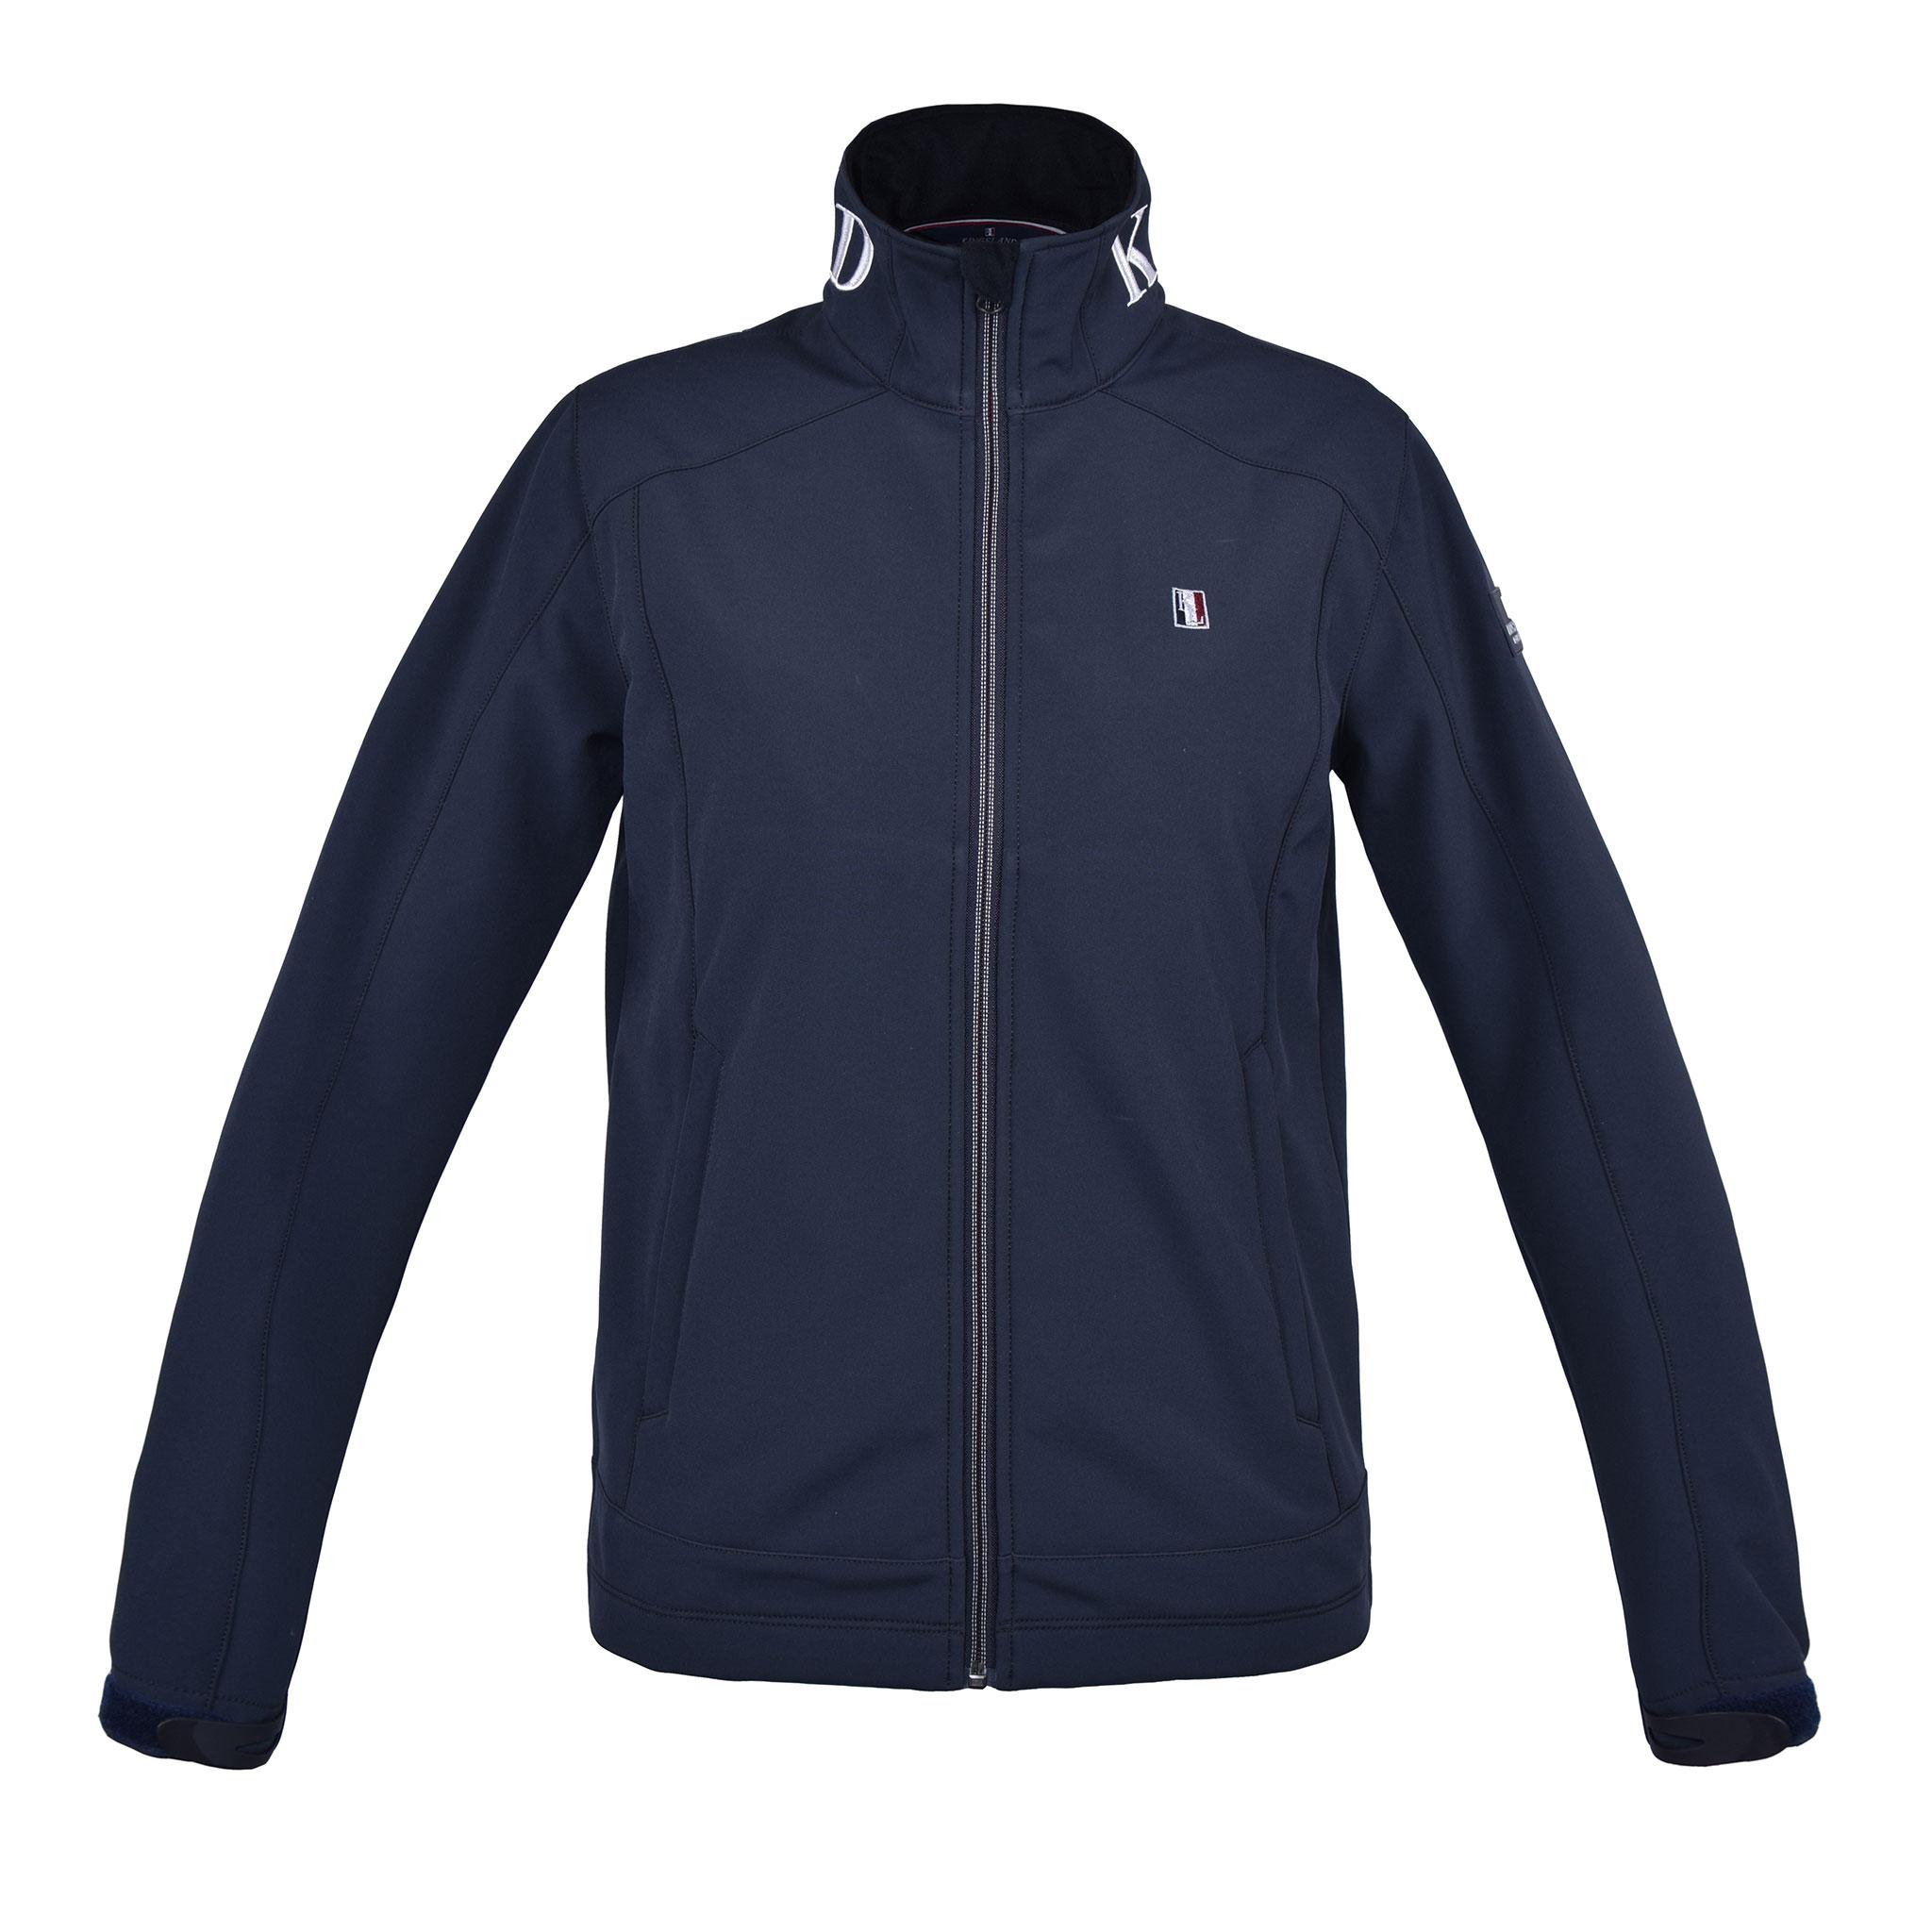 Kingsland Classic Softshell Jacket -softshell-takki, unisex